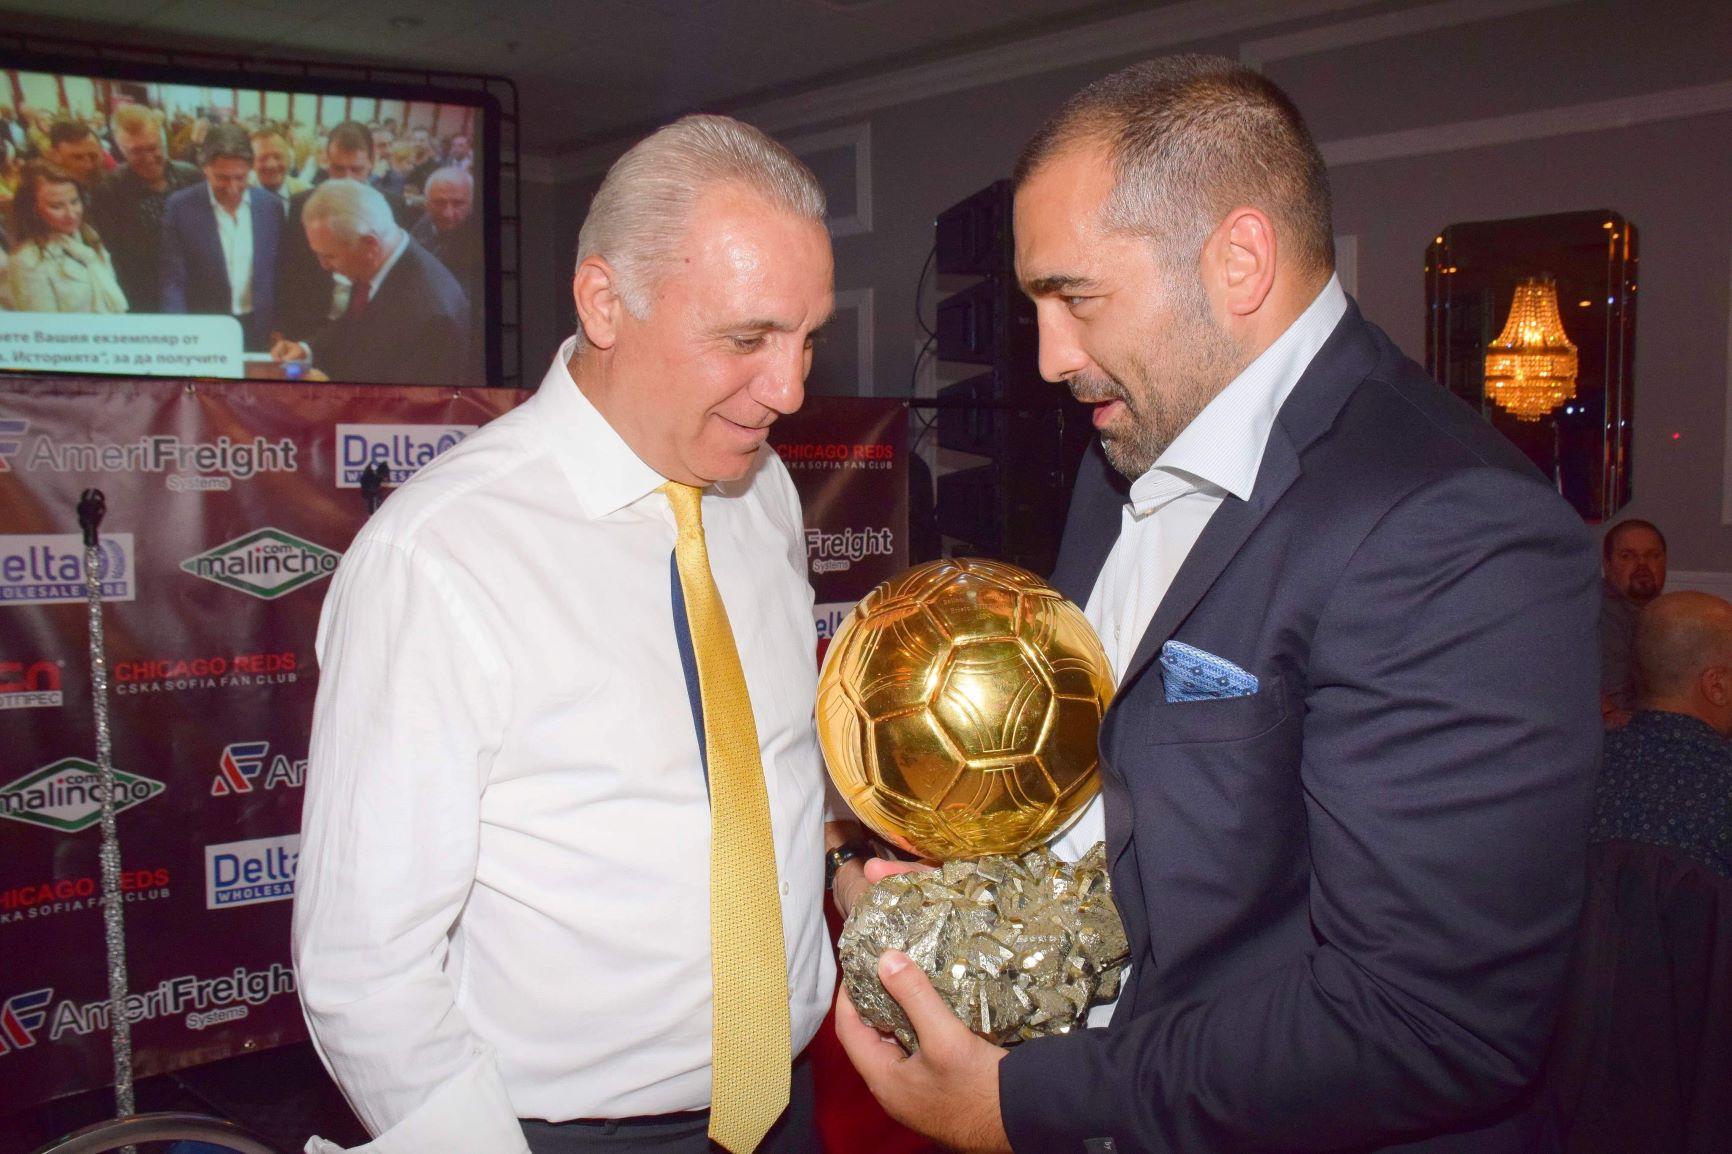 Багата: За мен е чест, че Христо Стоичков ще ме подкрепя срещу Туиваса